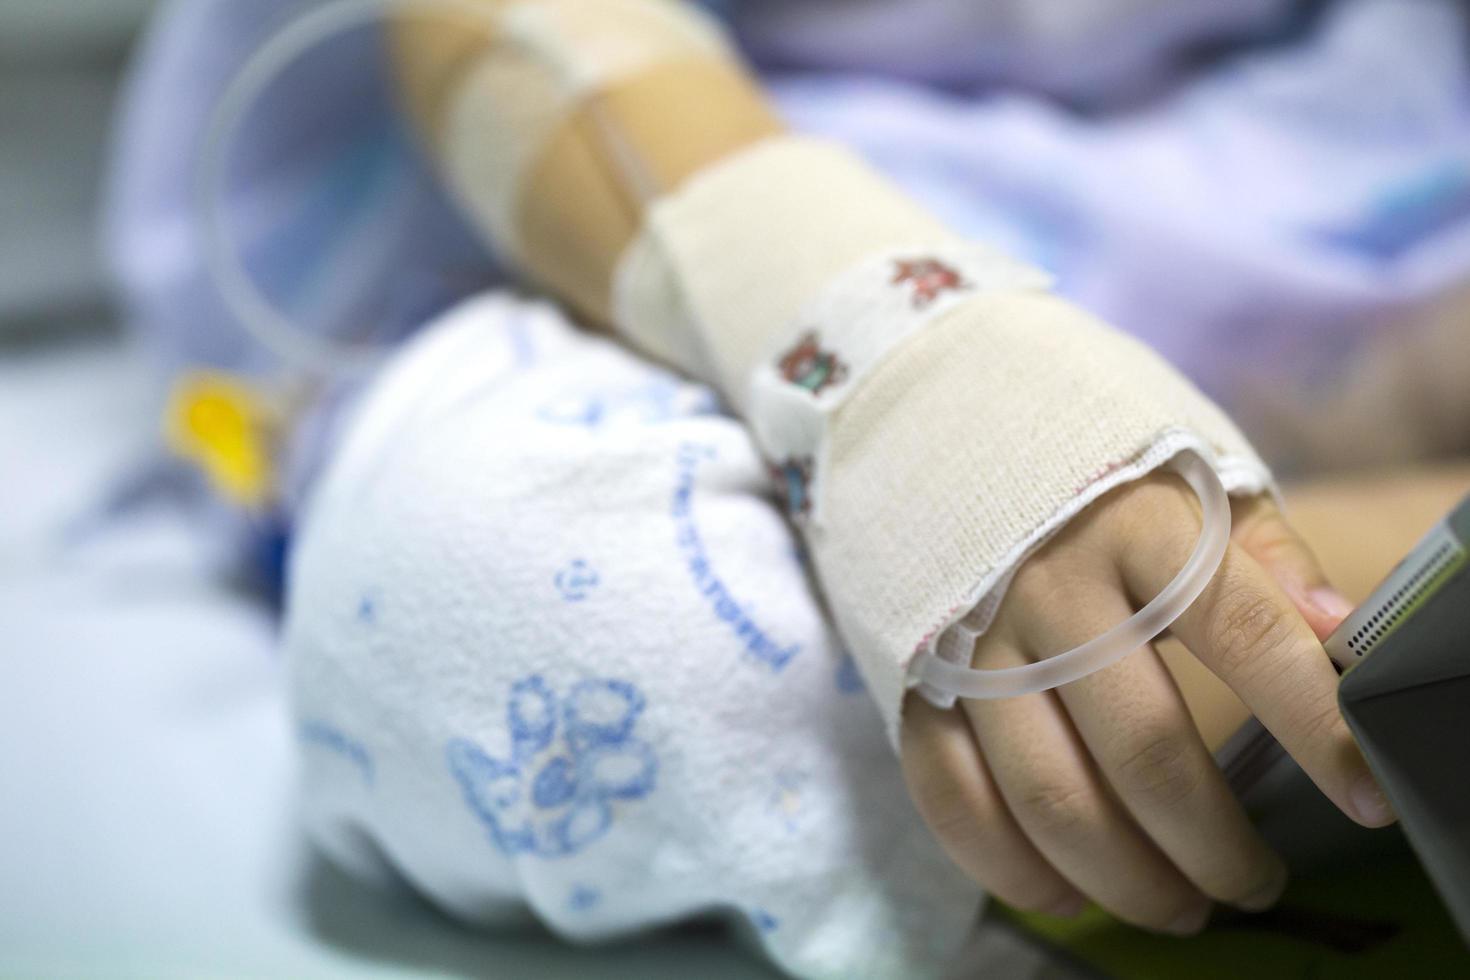 ziek kind in het ziekenhuis met iv in de arm foto